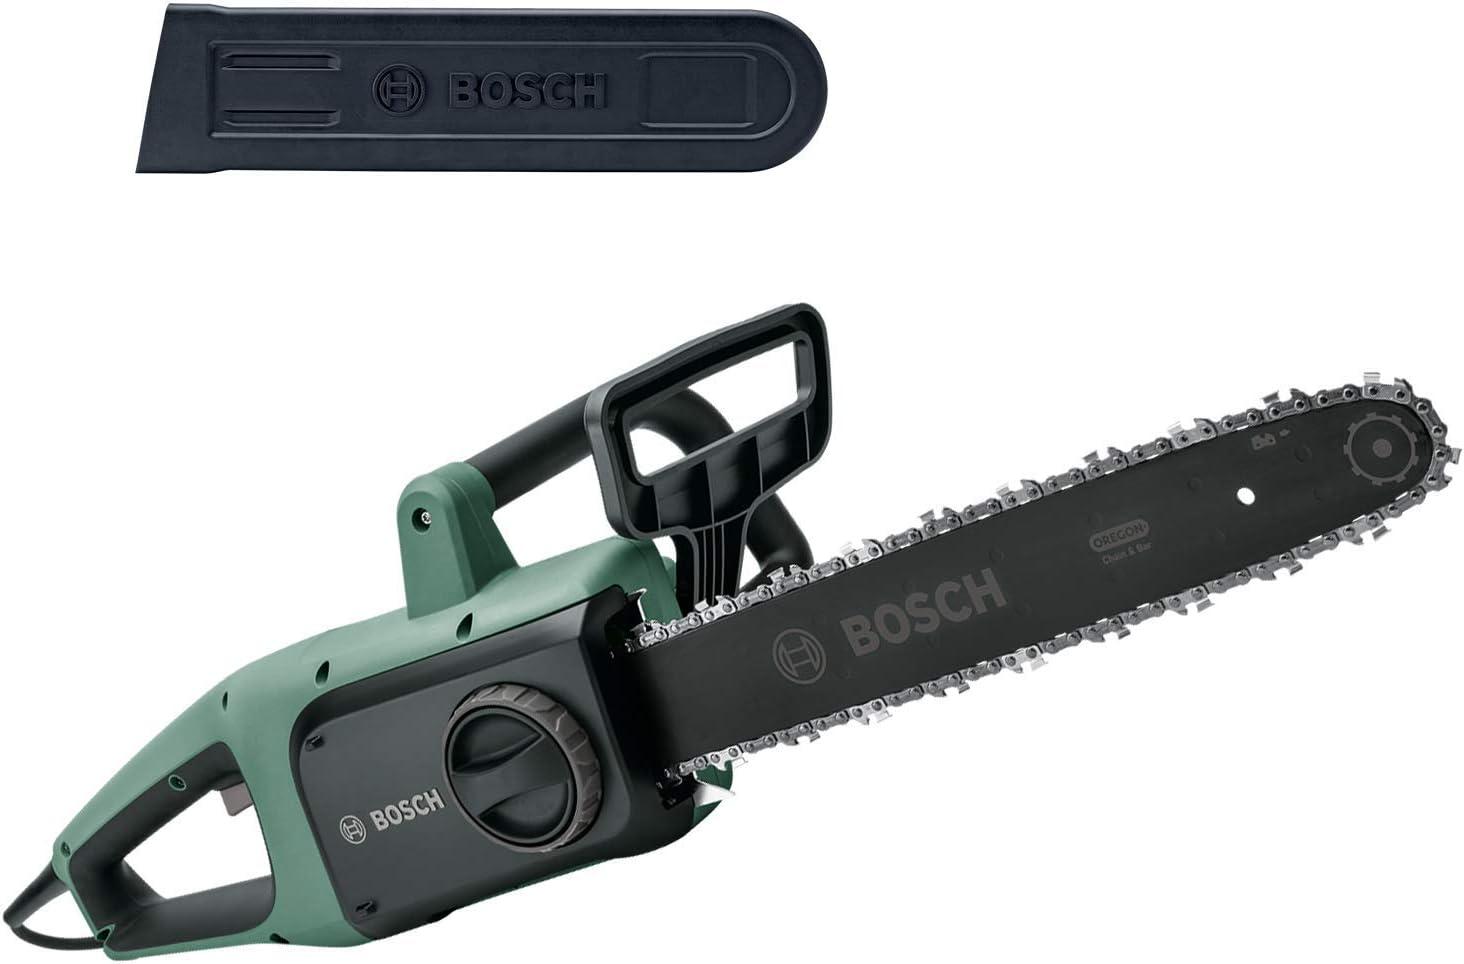 Bosch UniversalChain 35 - Sierra de cadena (1800W, ligera 4.2kg; velocidad de cadena 12m/s, en caja)